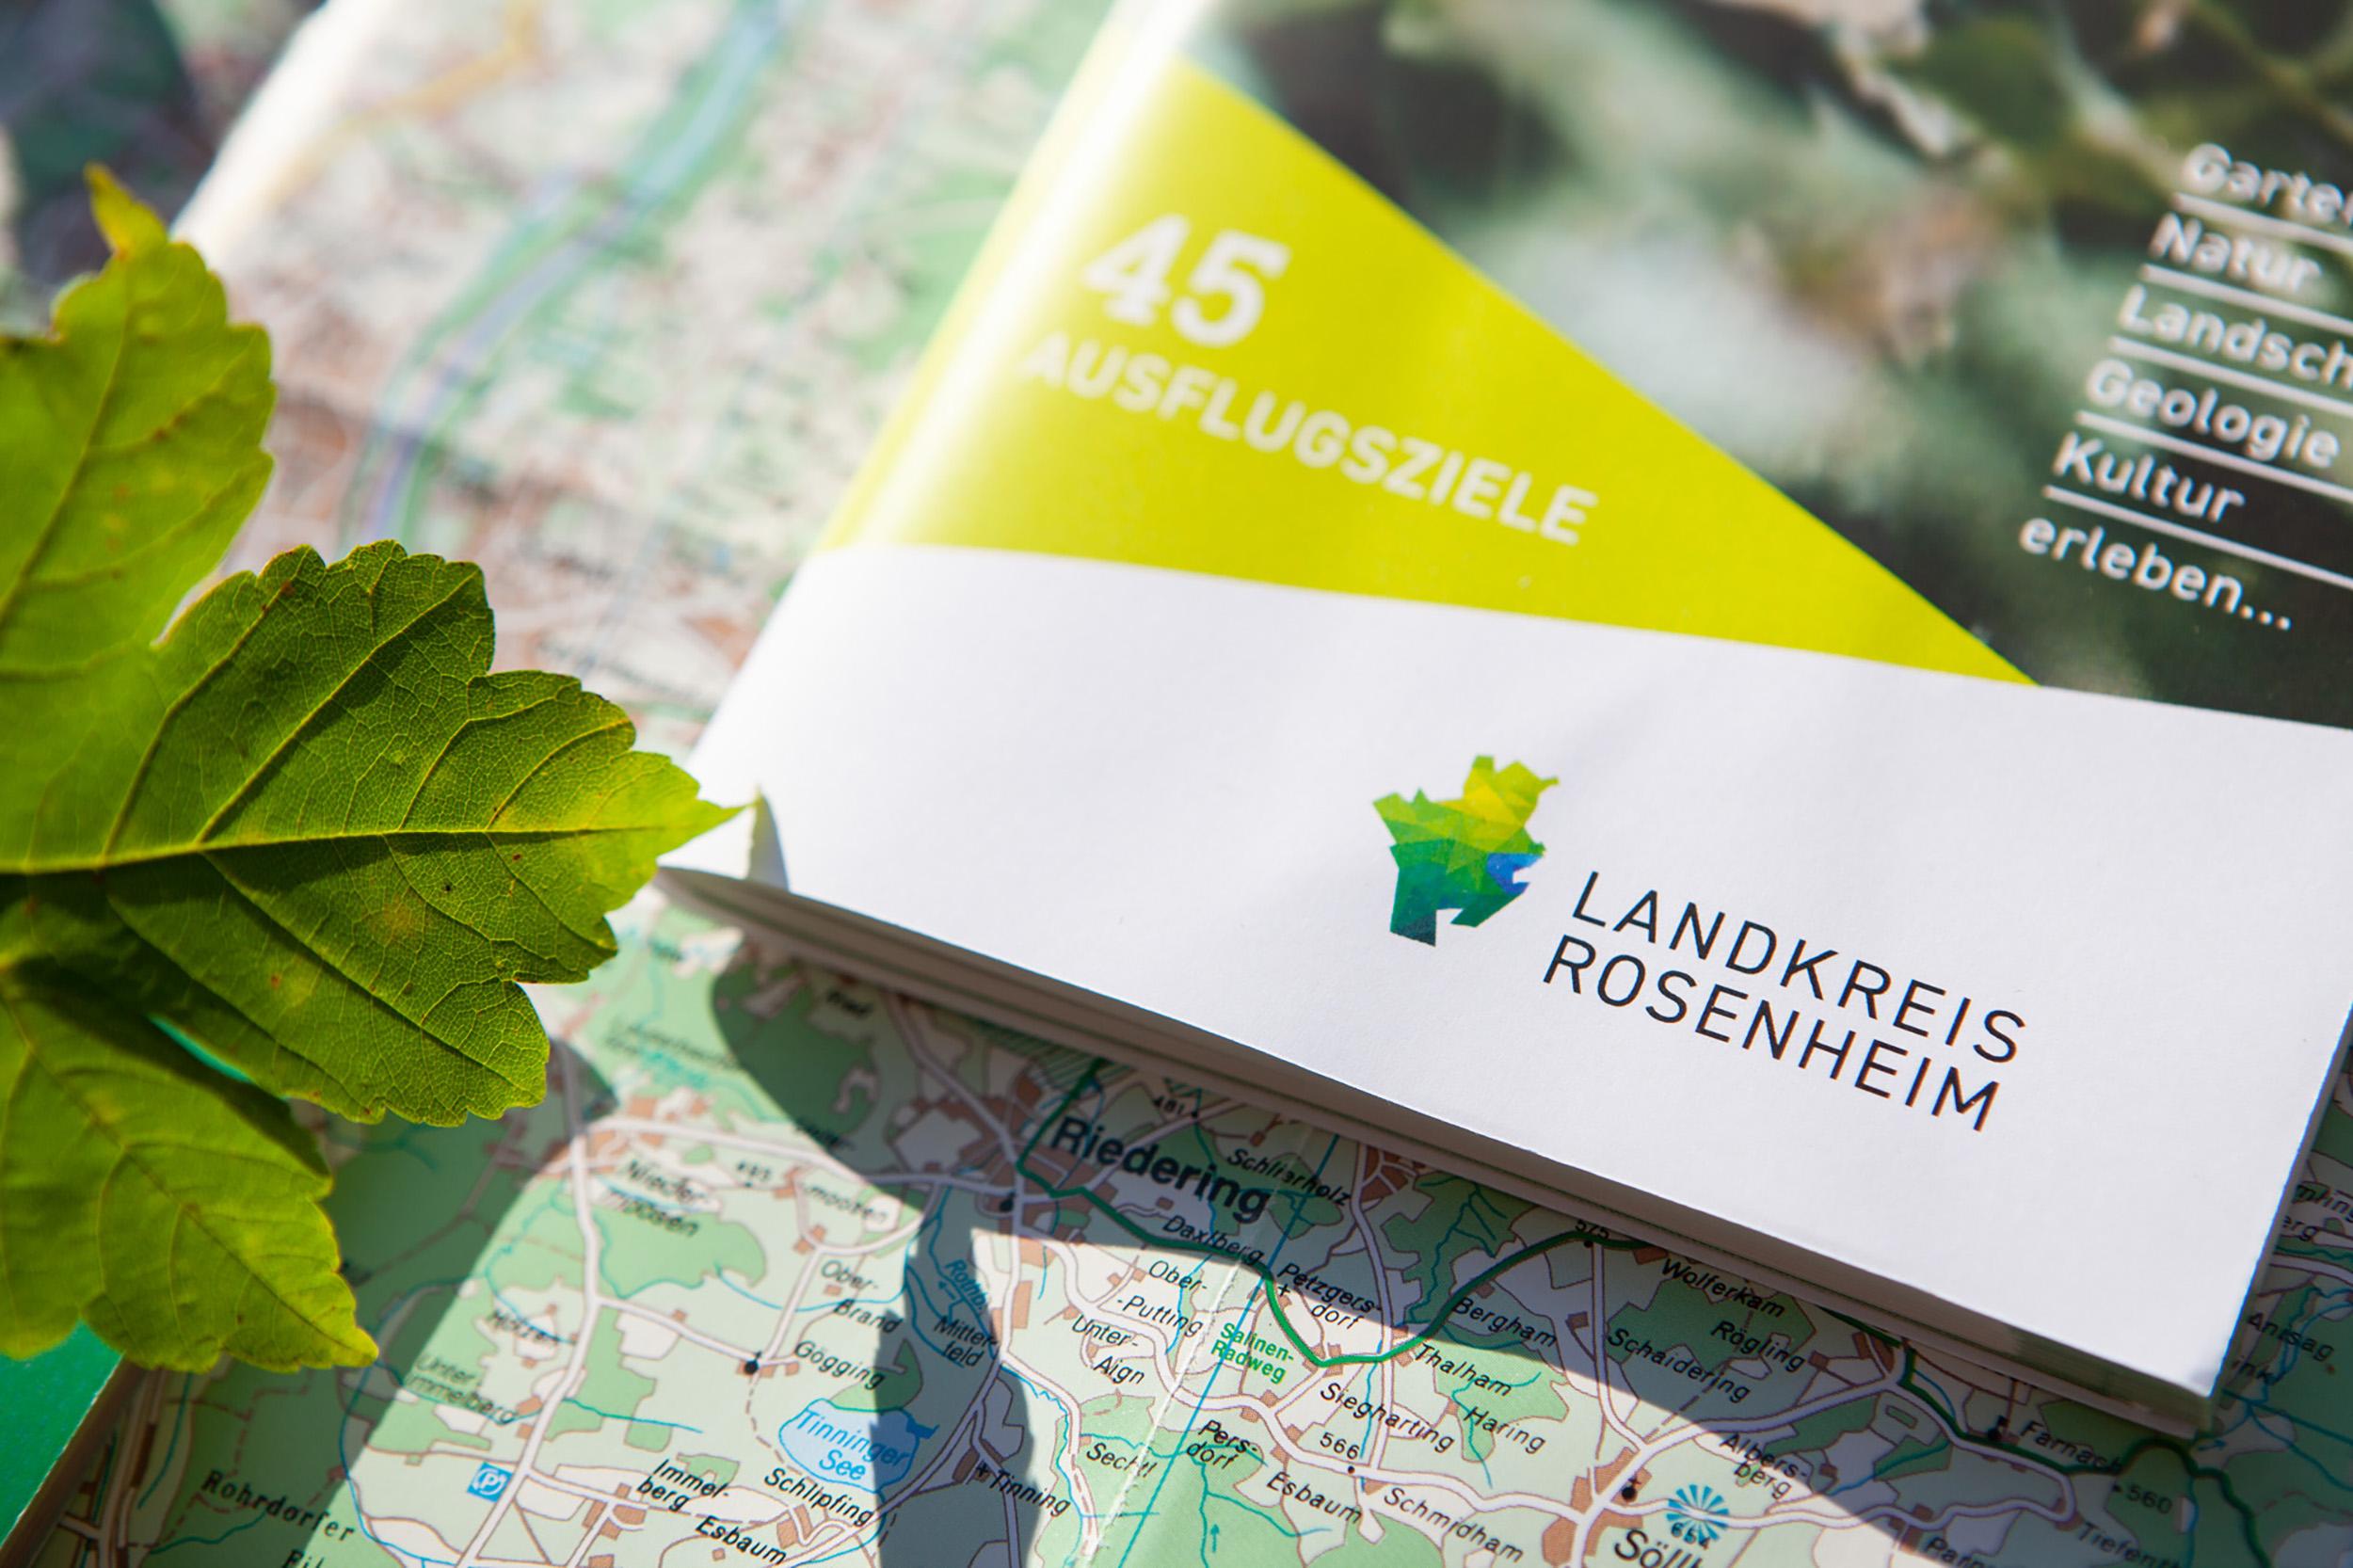 Landratsamt Rosenheim - Broschüre